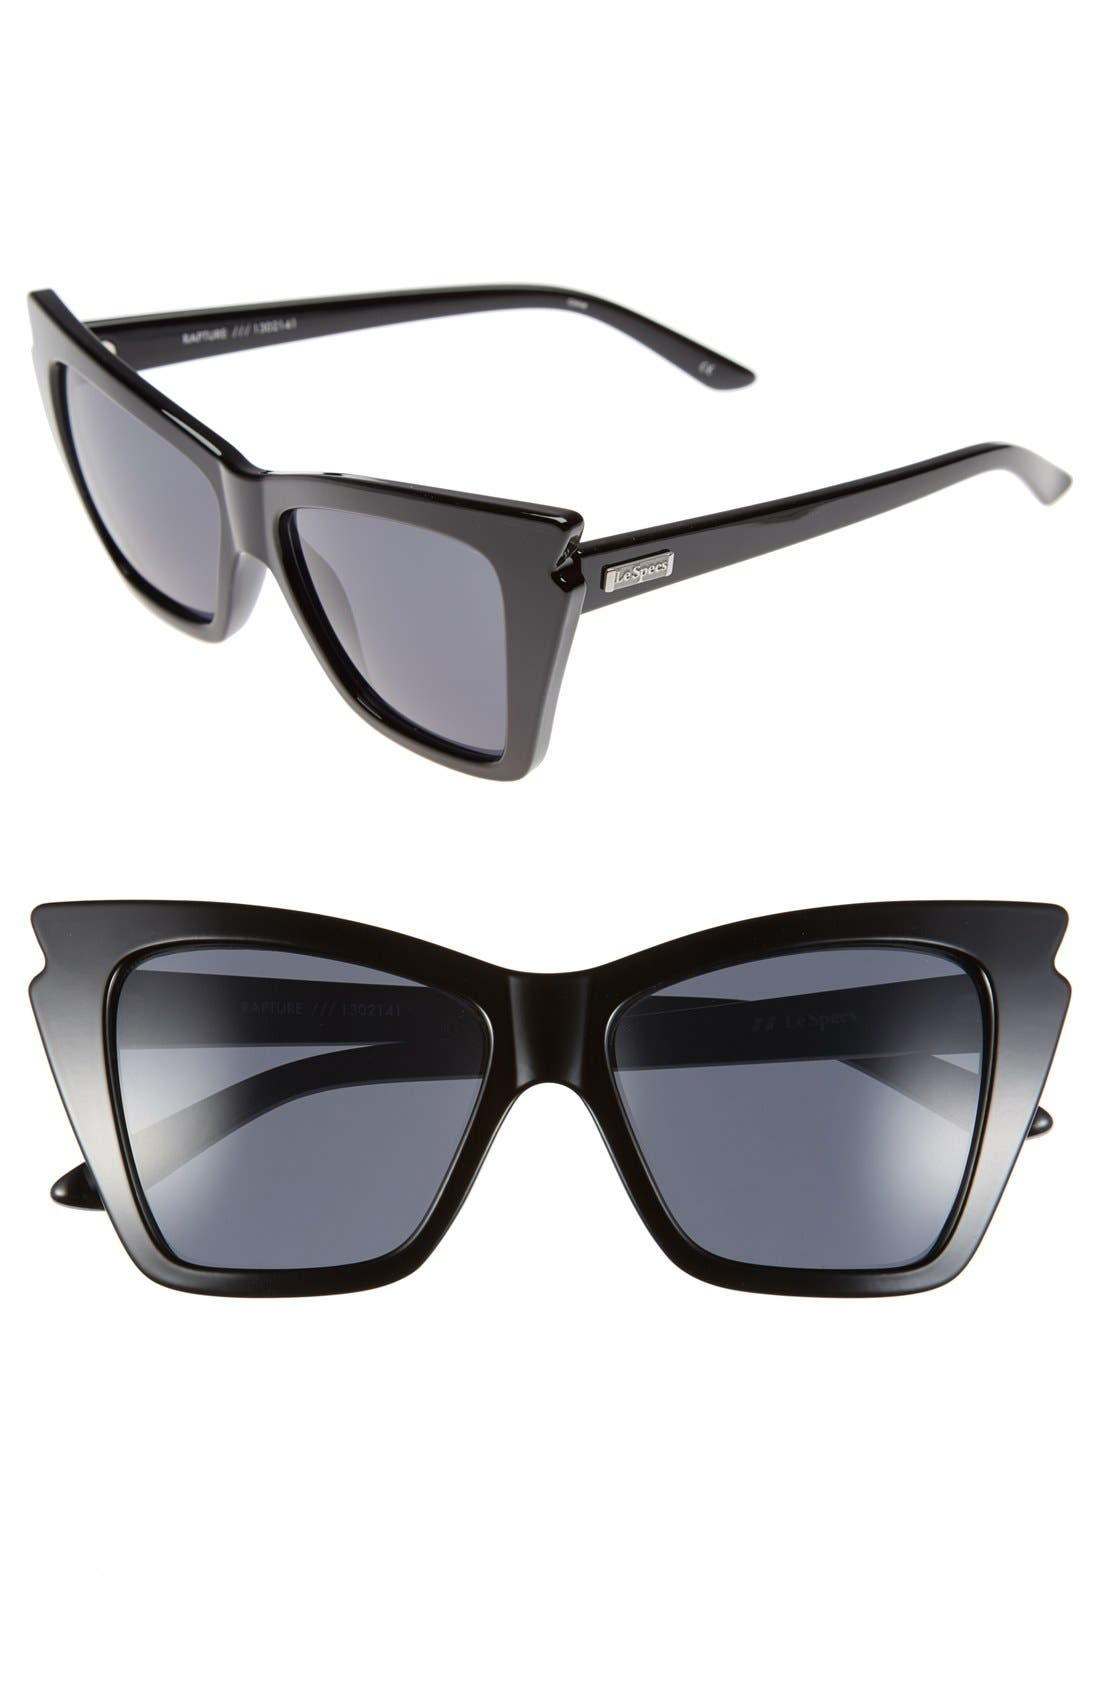 Main Image - Le Specs 'Rapture' 55mm Bat Wing Sunglasses